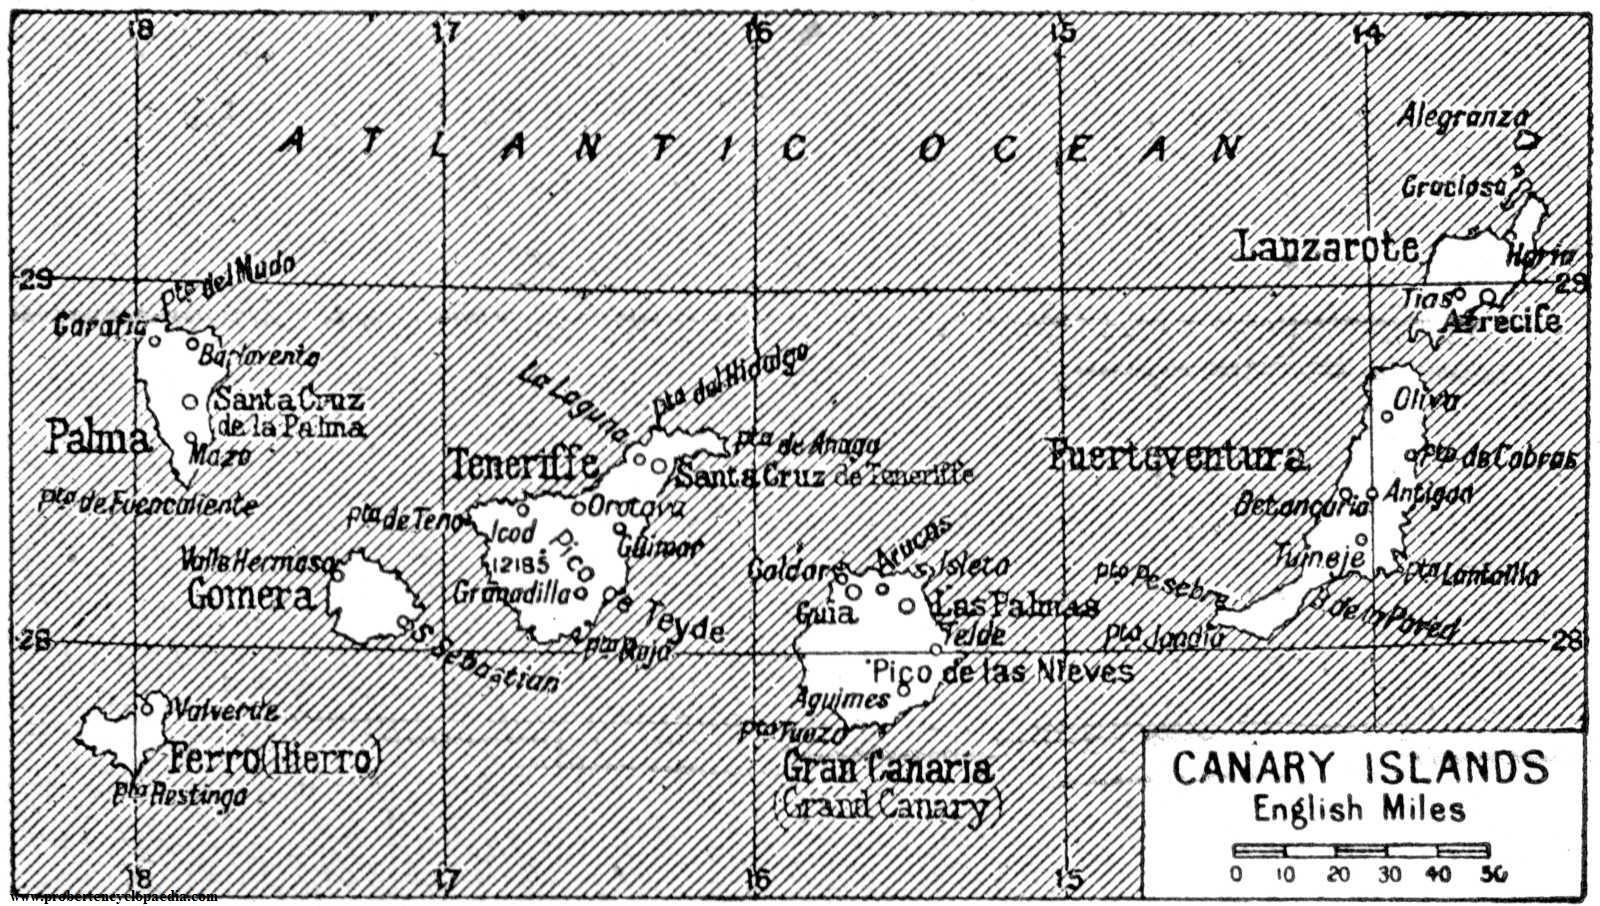 Mapa de las Islas Canarias 1922